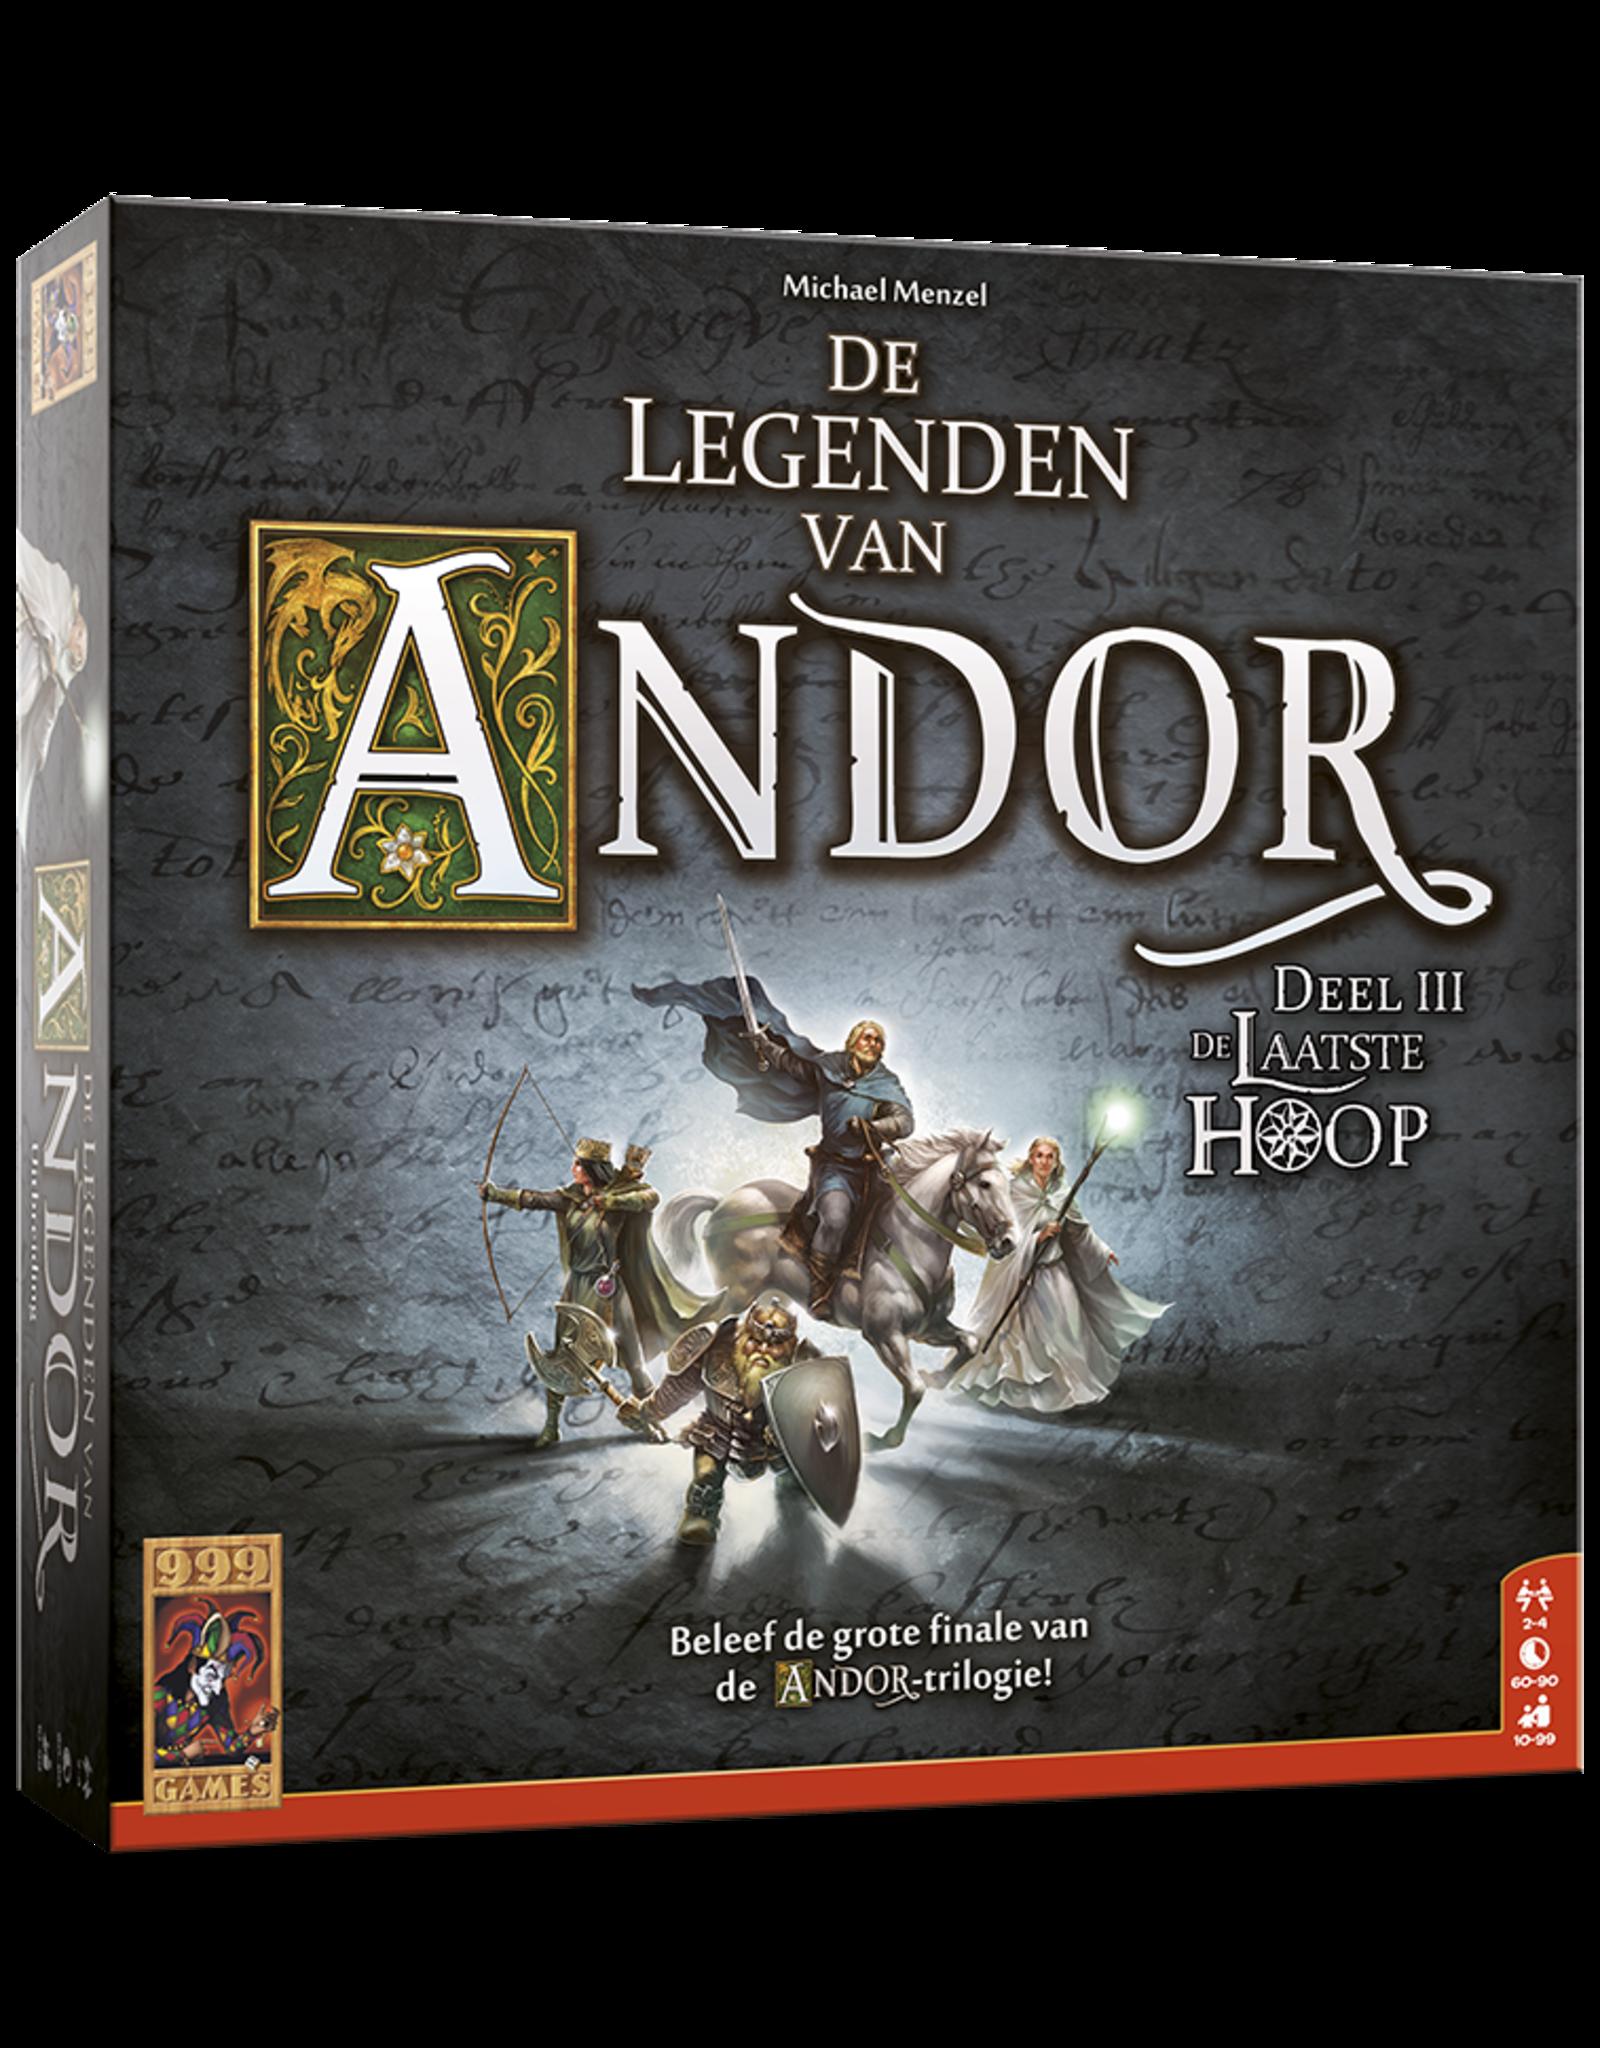 999 Games De Legenden van Andor: De laatste Hoop